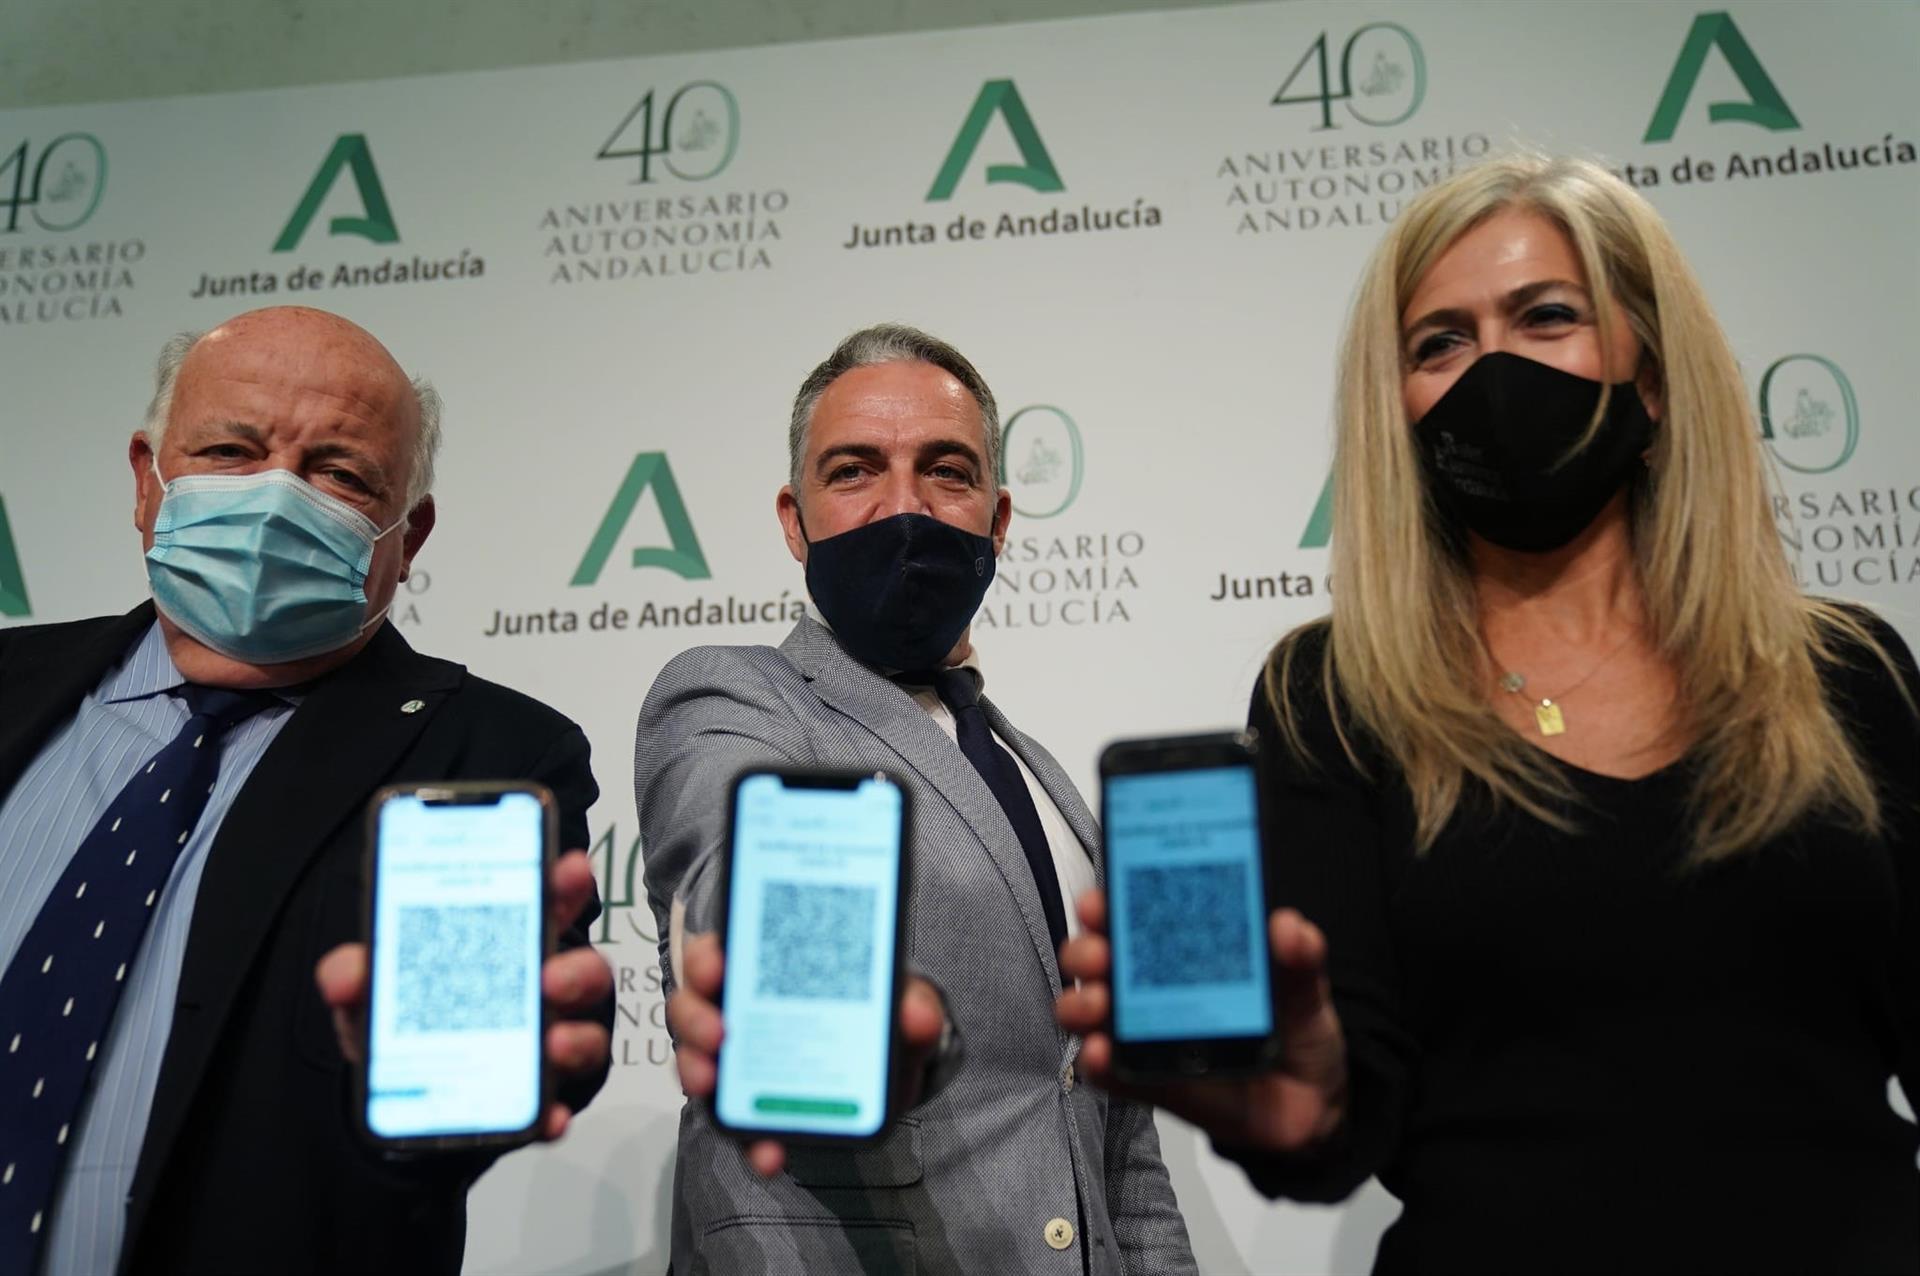 Los consejeros Jesús Aguirre (i.), Elías Bendodo (c.) y Patricia del Pozo, este martes, mostrando el acceso al código QR